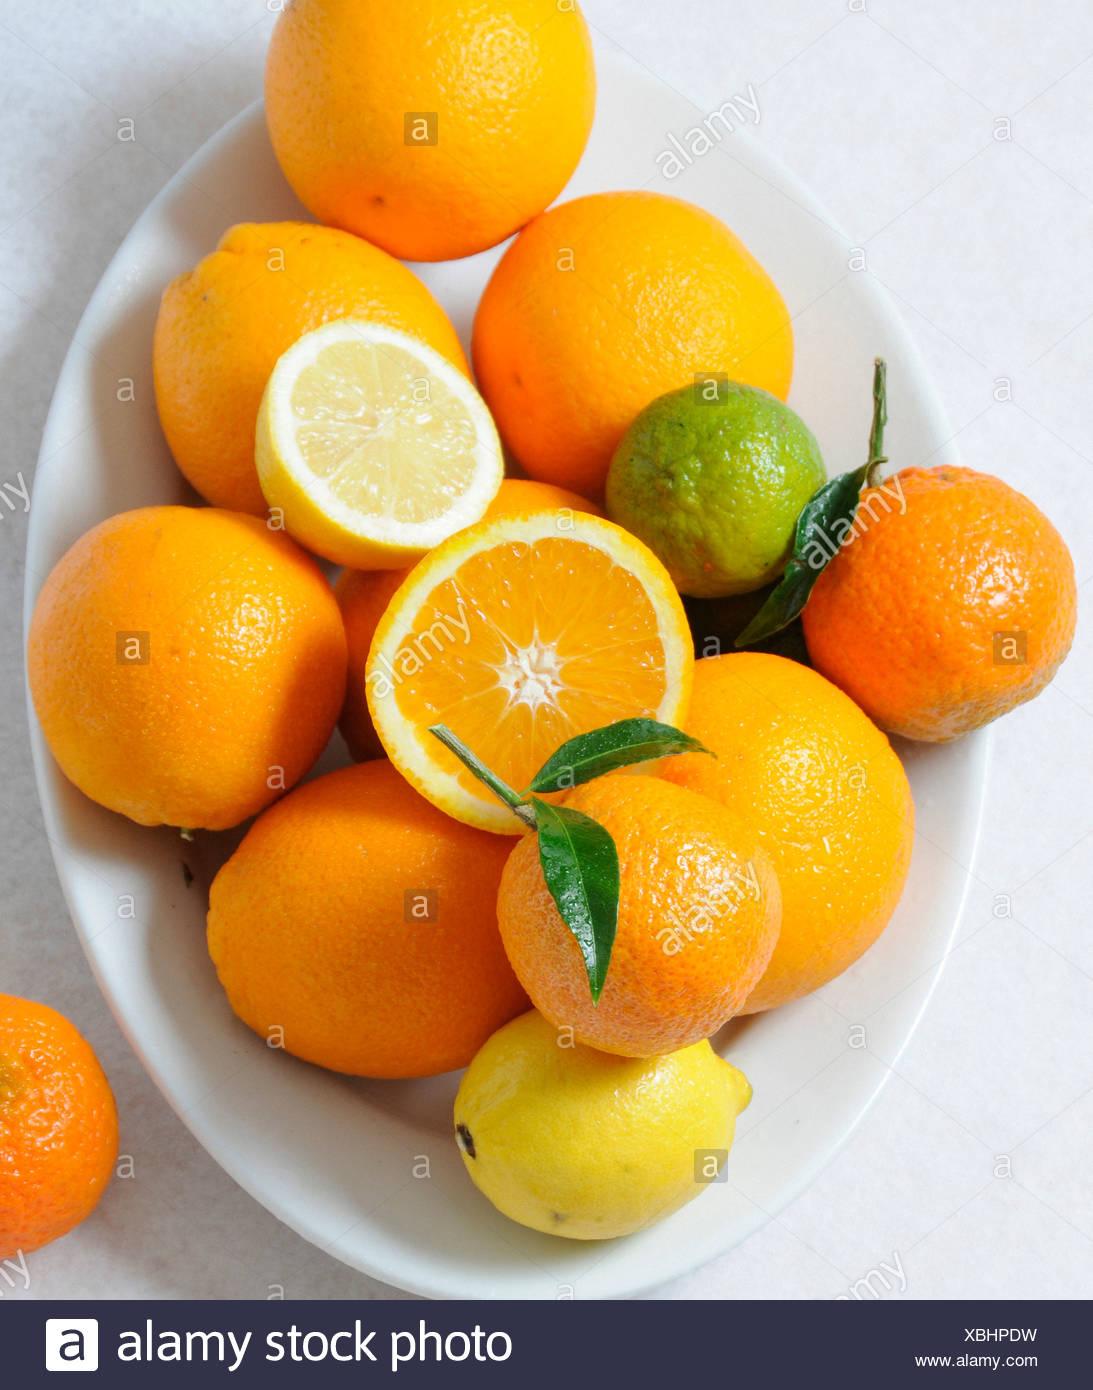 Vitamine, Vitamin C, Orangen, Zitronen, Zitrusfrüchte Früchte, Speisen, Essen, Stockbild